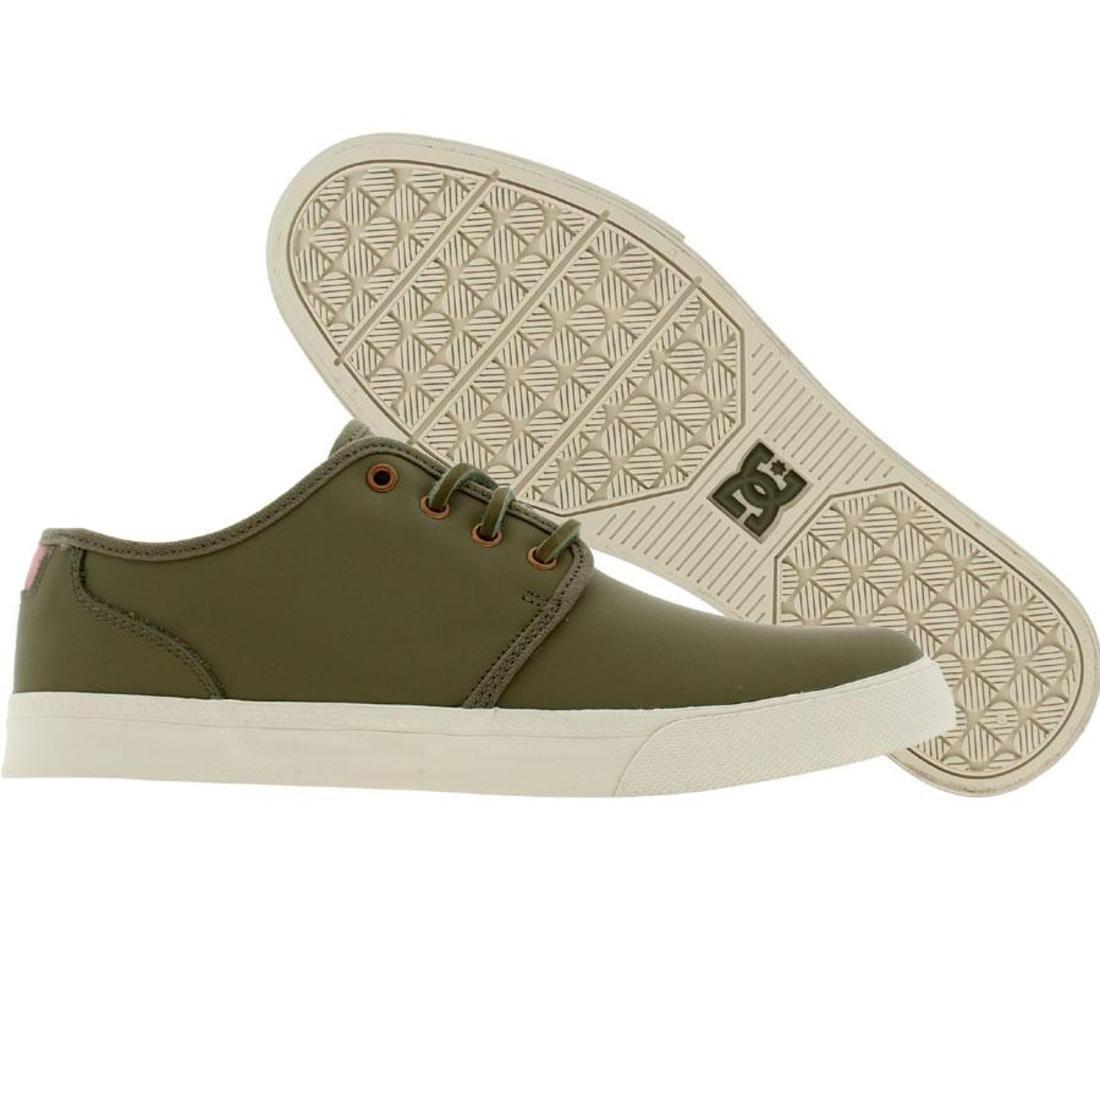 DC - - Studio Lowtop Herren Vulkanisierte Schuhe, Schuhe, Schuhe, EUR  44.5, Military 1f0374